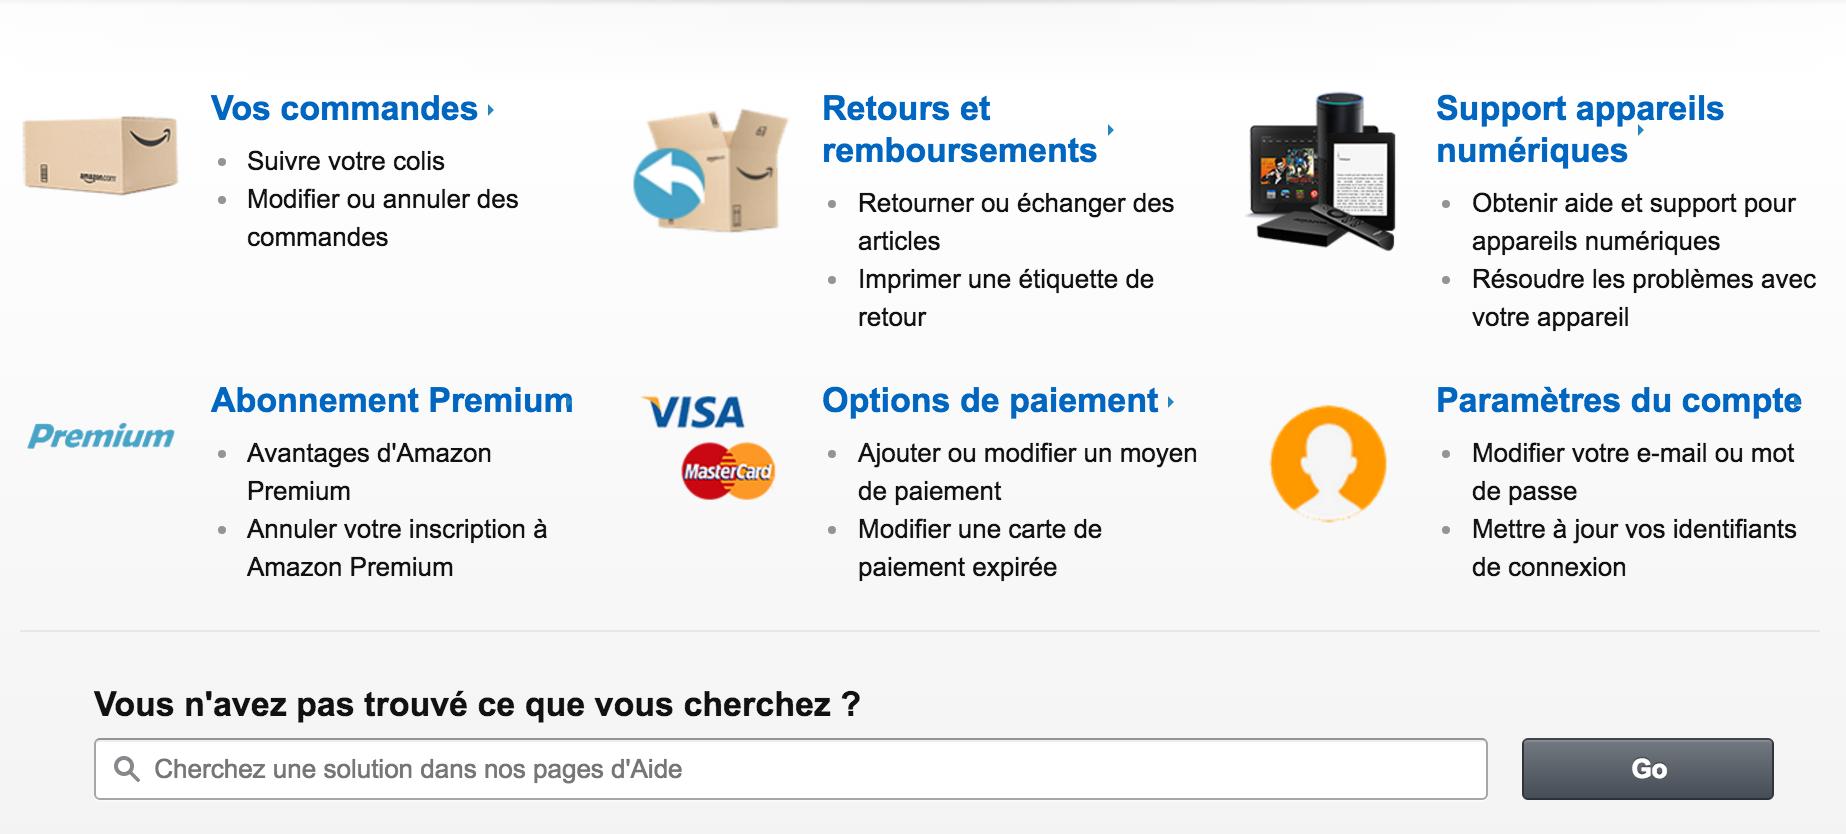 Aperçu de la rubrique Aide d'Amazon.fr